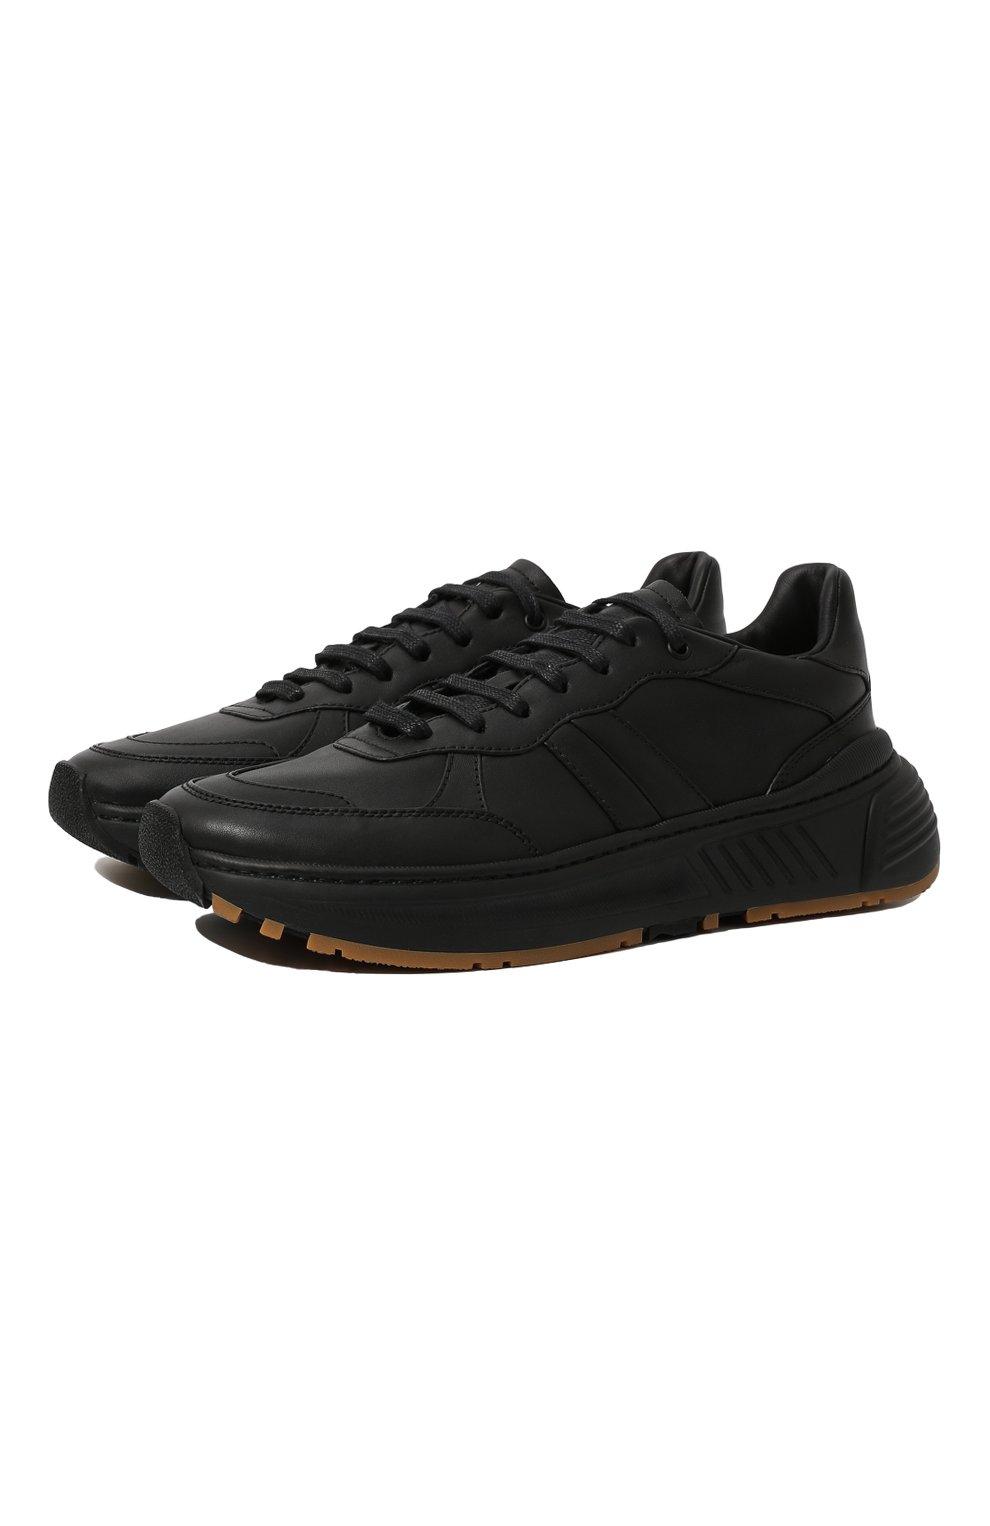 Мужские кожаные кроссовки BOTTEGA VENETA черного цвета, арт. 565646/VT040 | Фото 1 (Материал внутренний: Натуральная кожа; Стили: Классический; Подошва: Массивная)